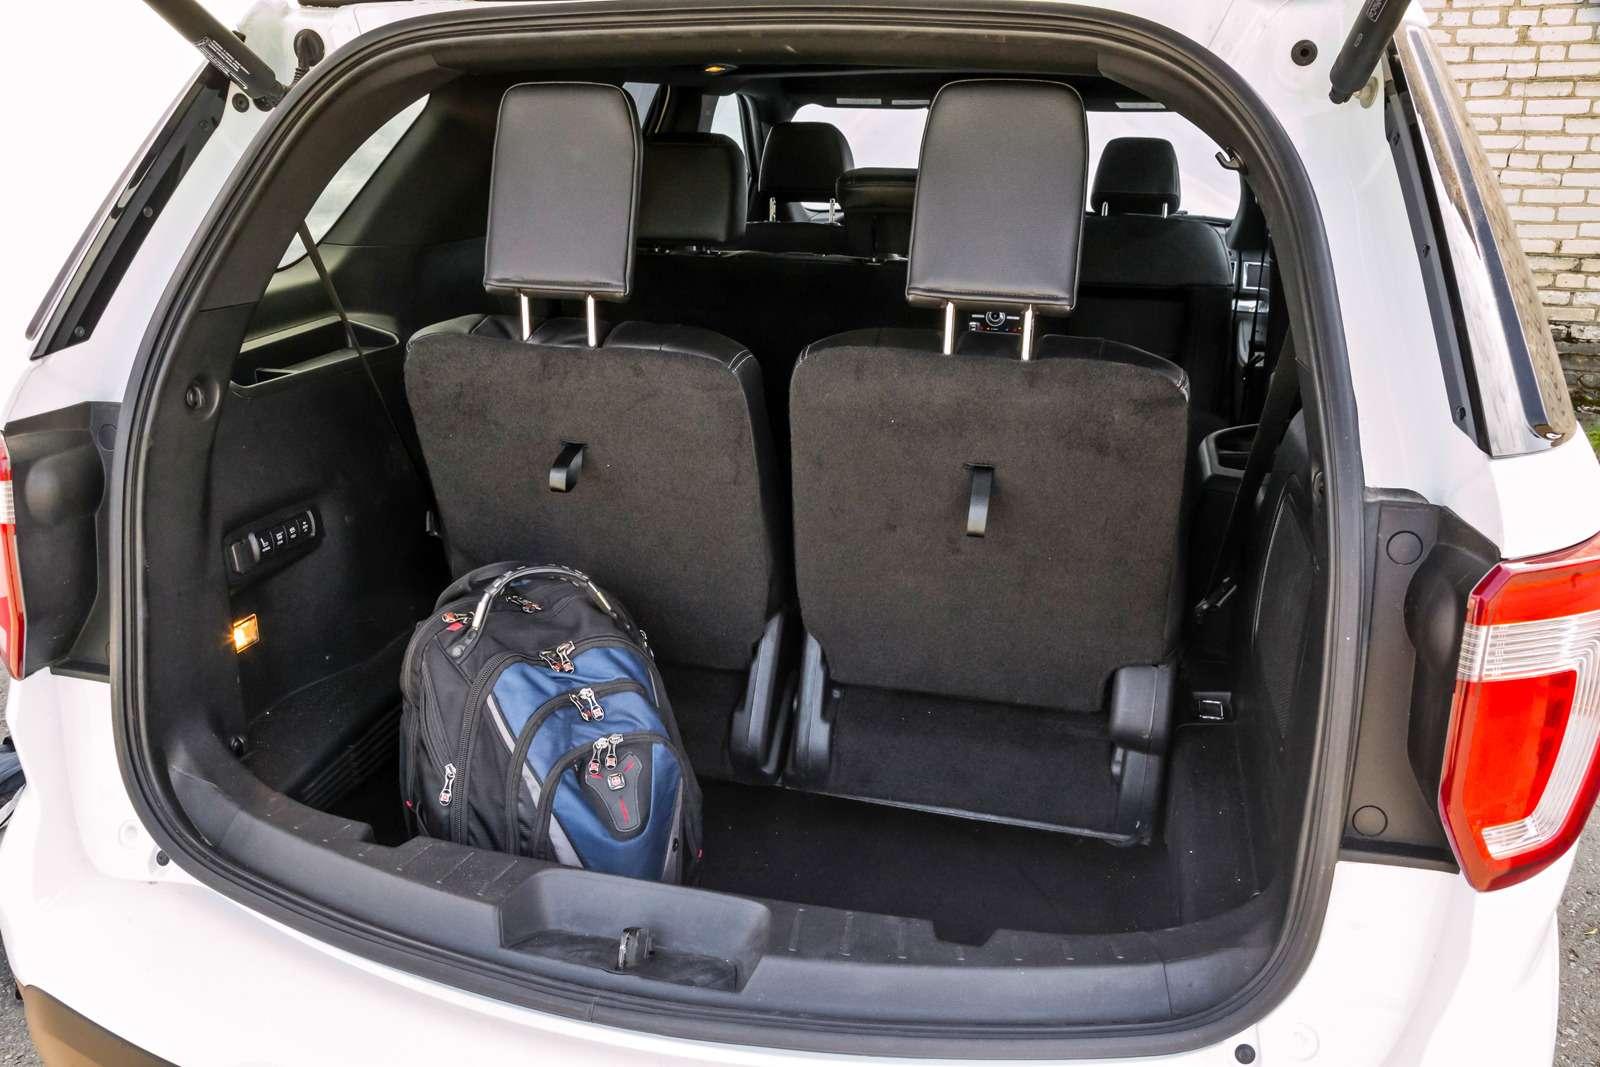 Тест полноразмерных кроссоверов: Honda Pilot, Kia Sorento Prime иFord Explorer— фото 614968